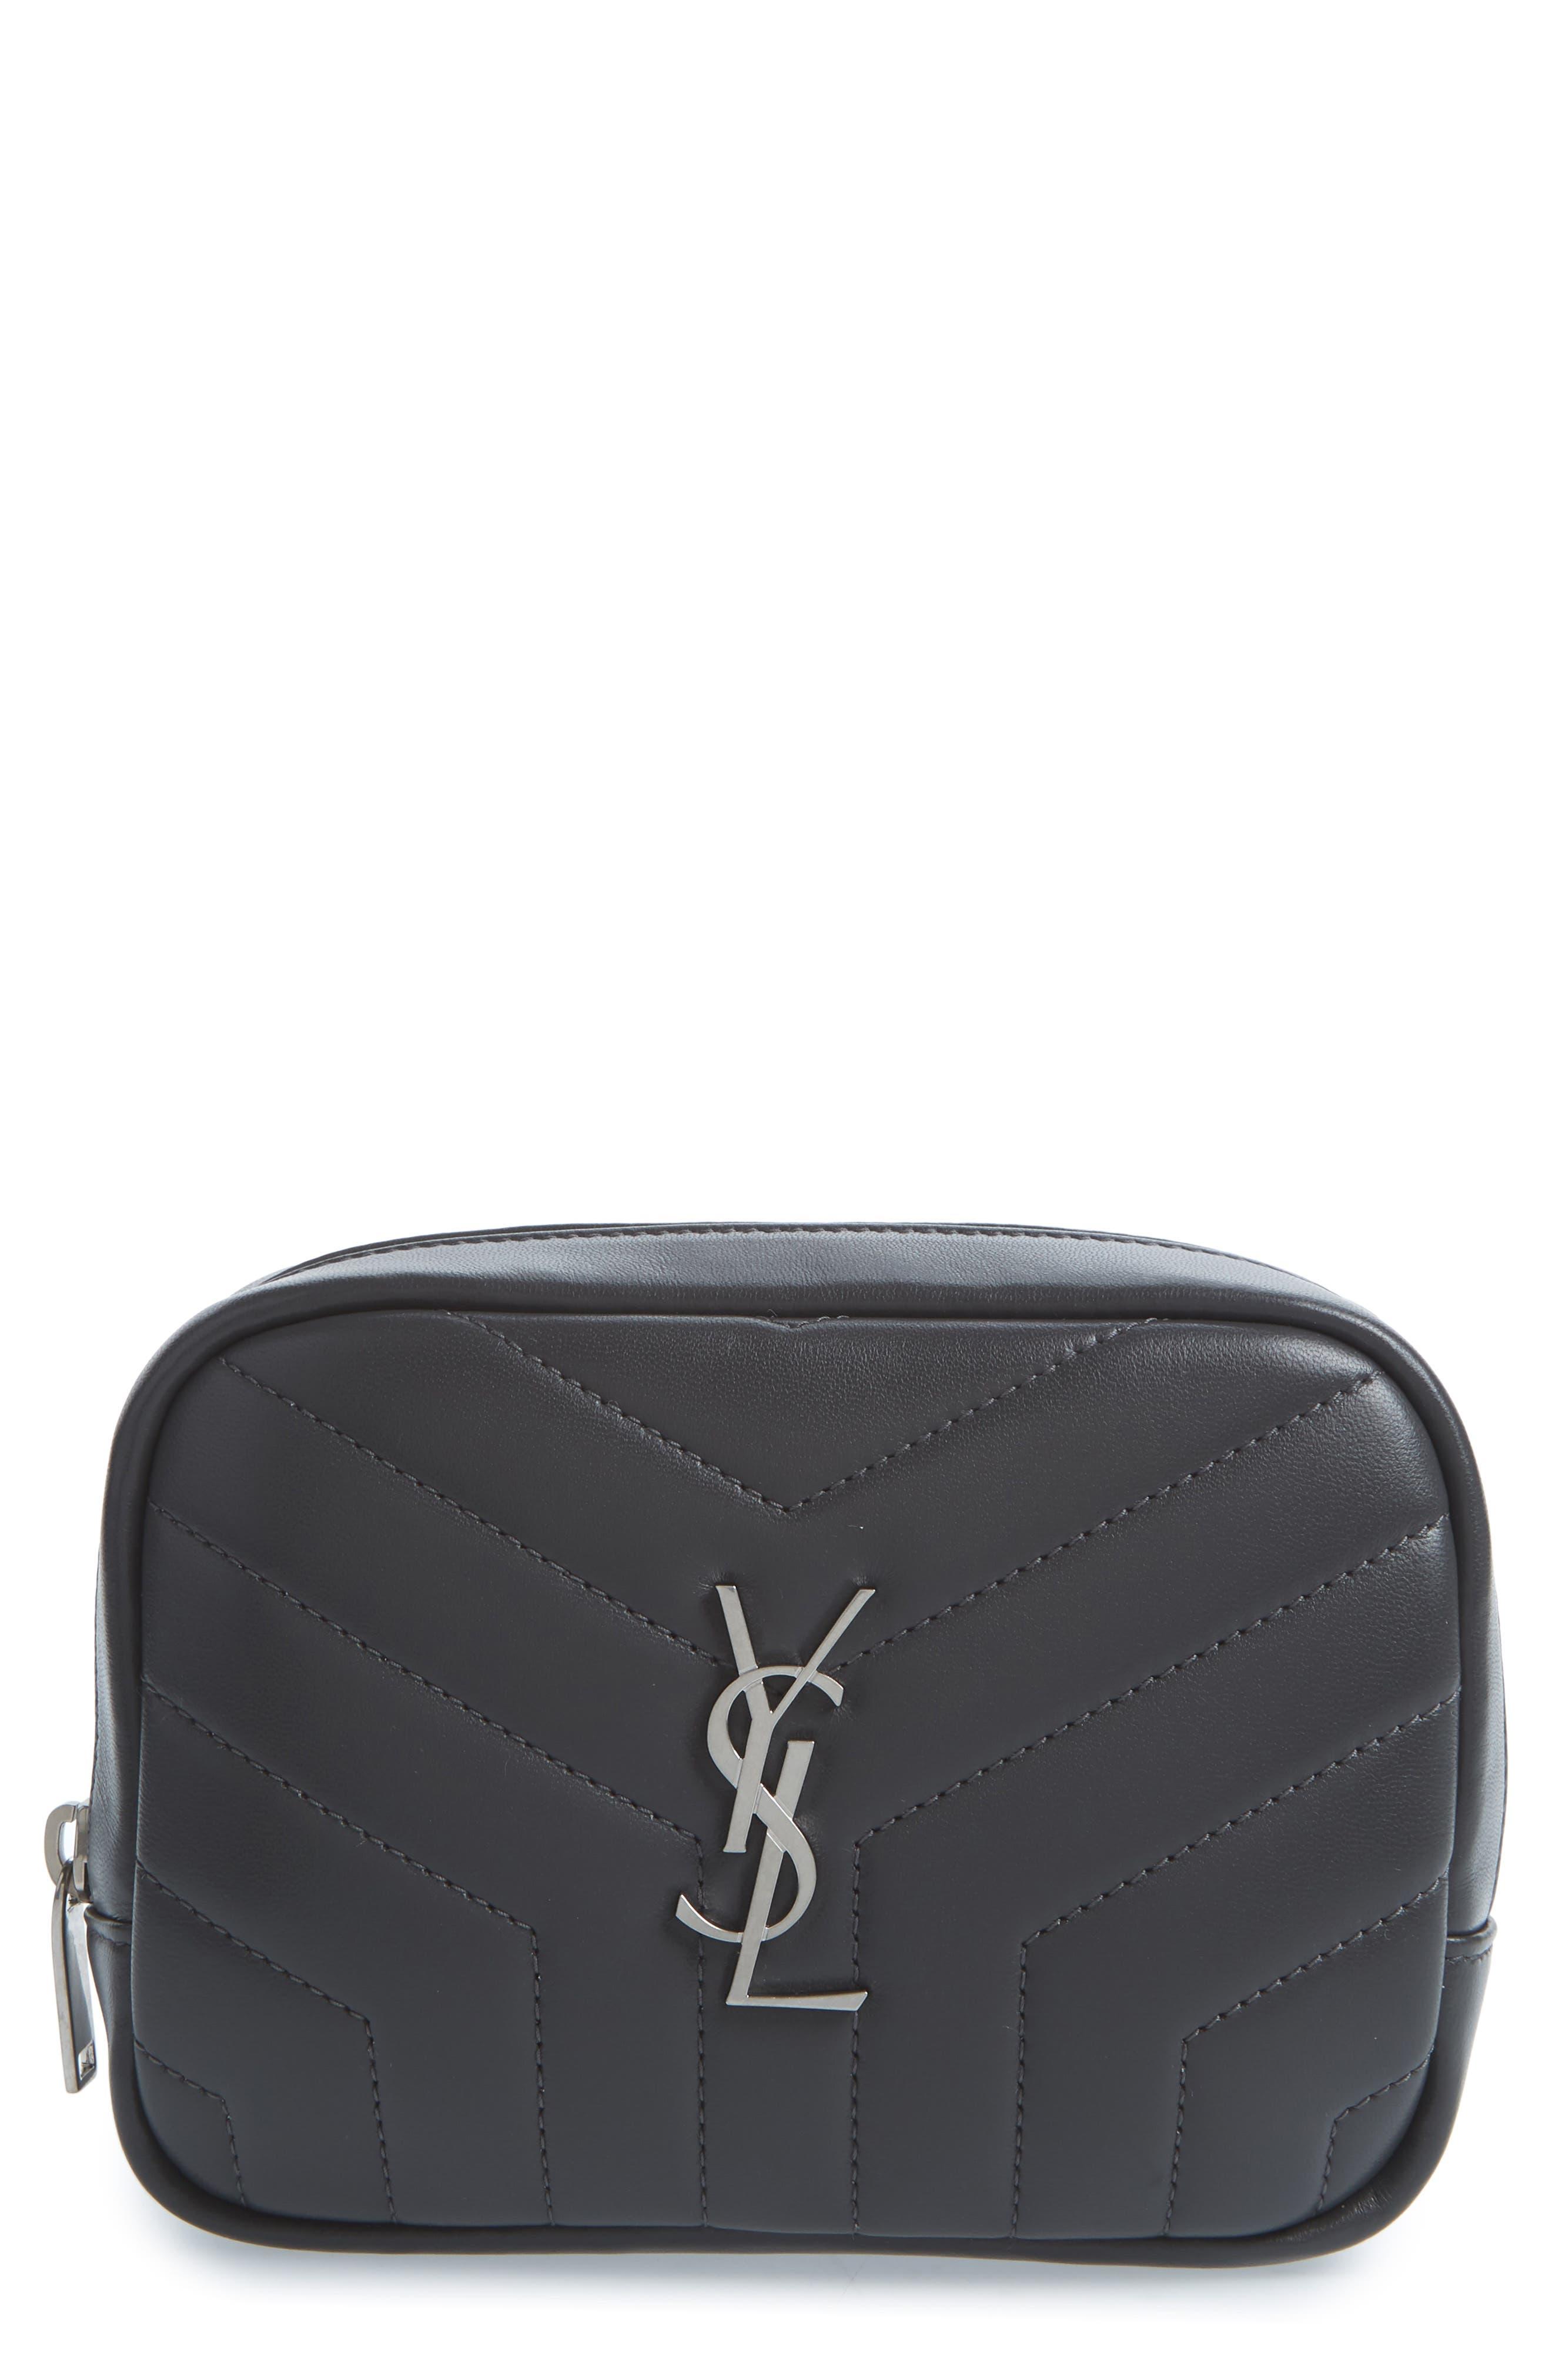 Loulou Matelassé Leather Cosmetics Bag,                         Main,                         color, Storm